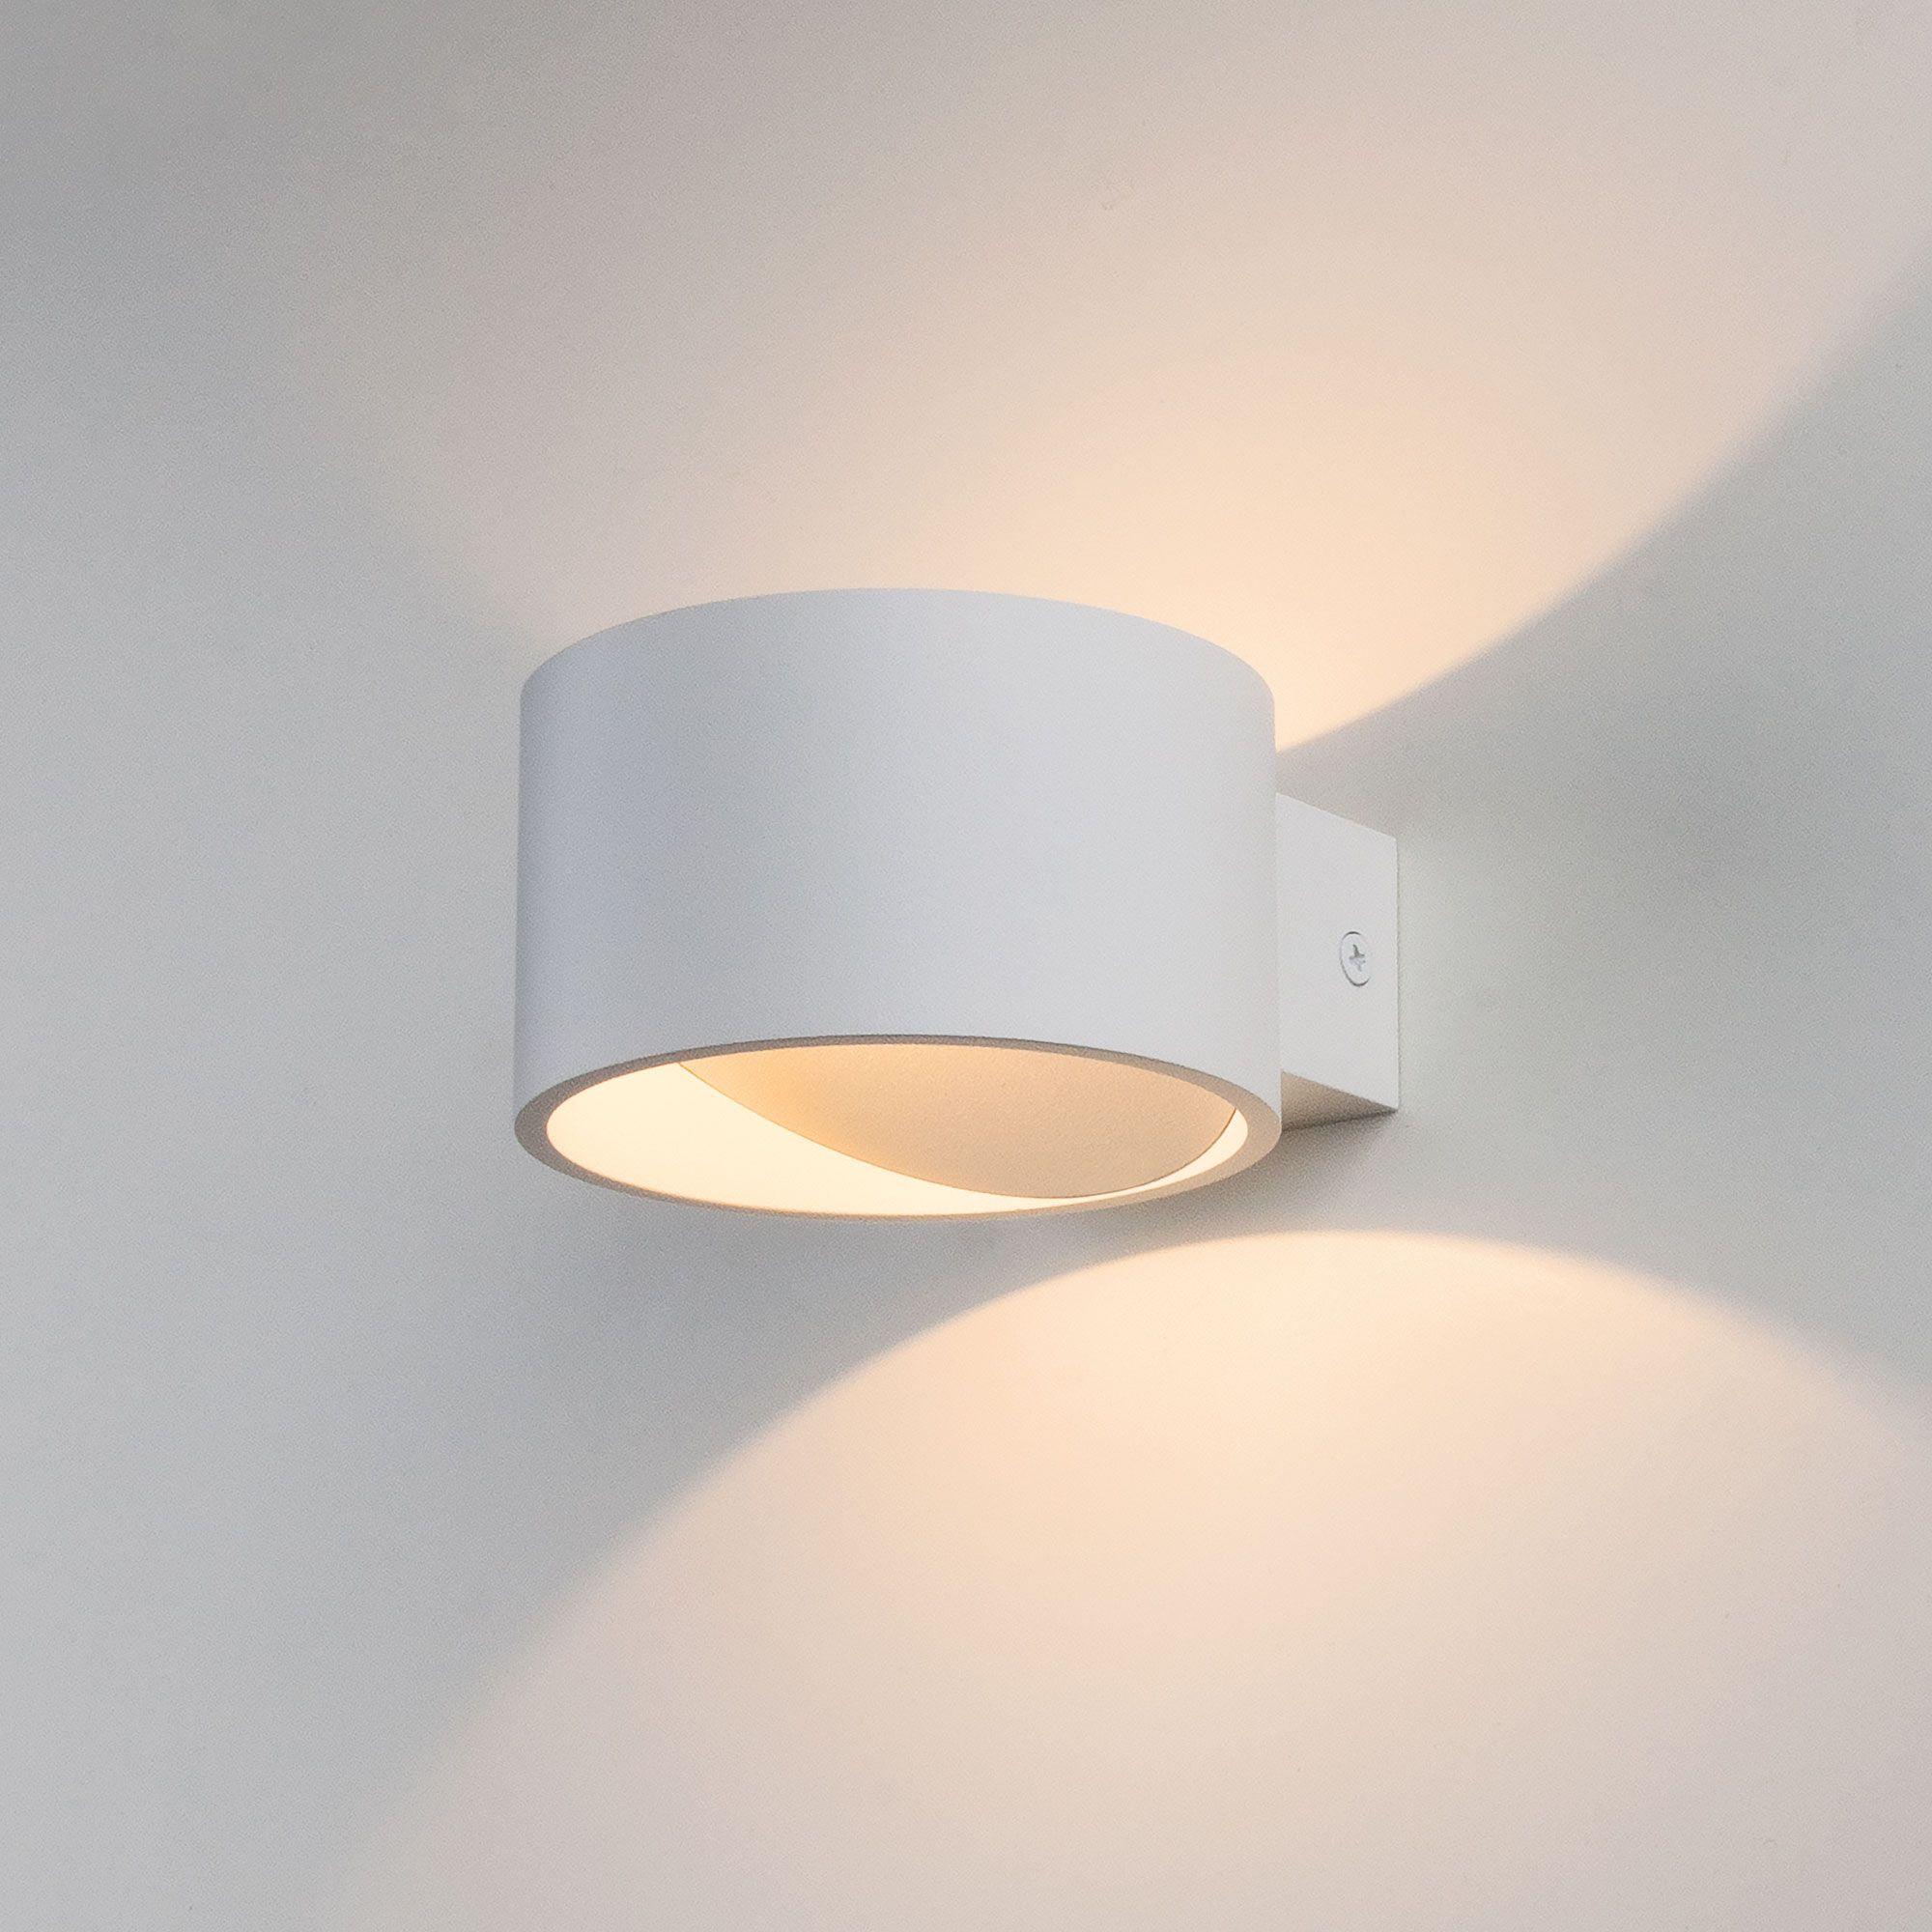 Настенный светодиодный светильник Coneto LED MRL LED 1045 белый